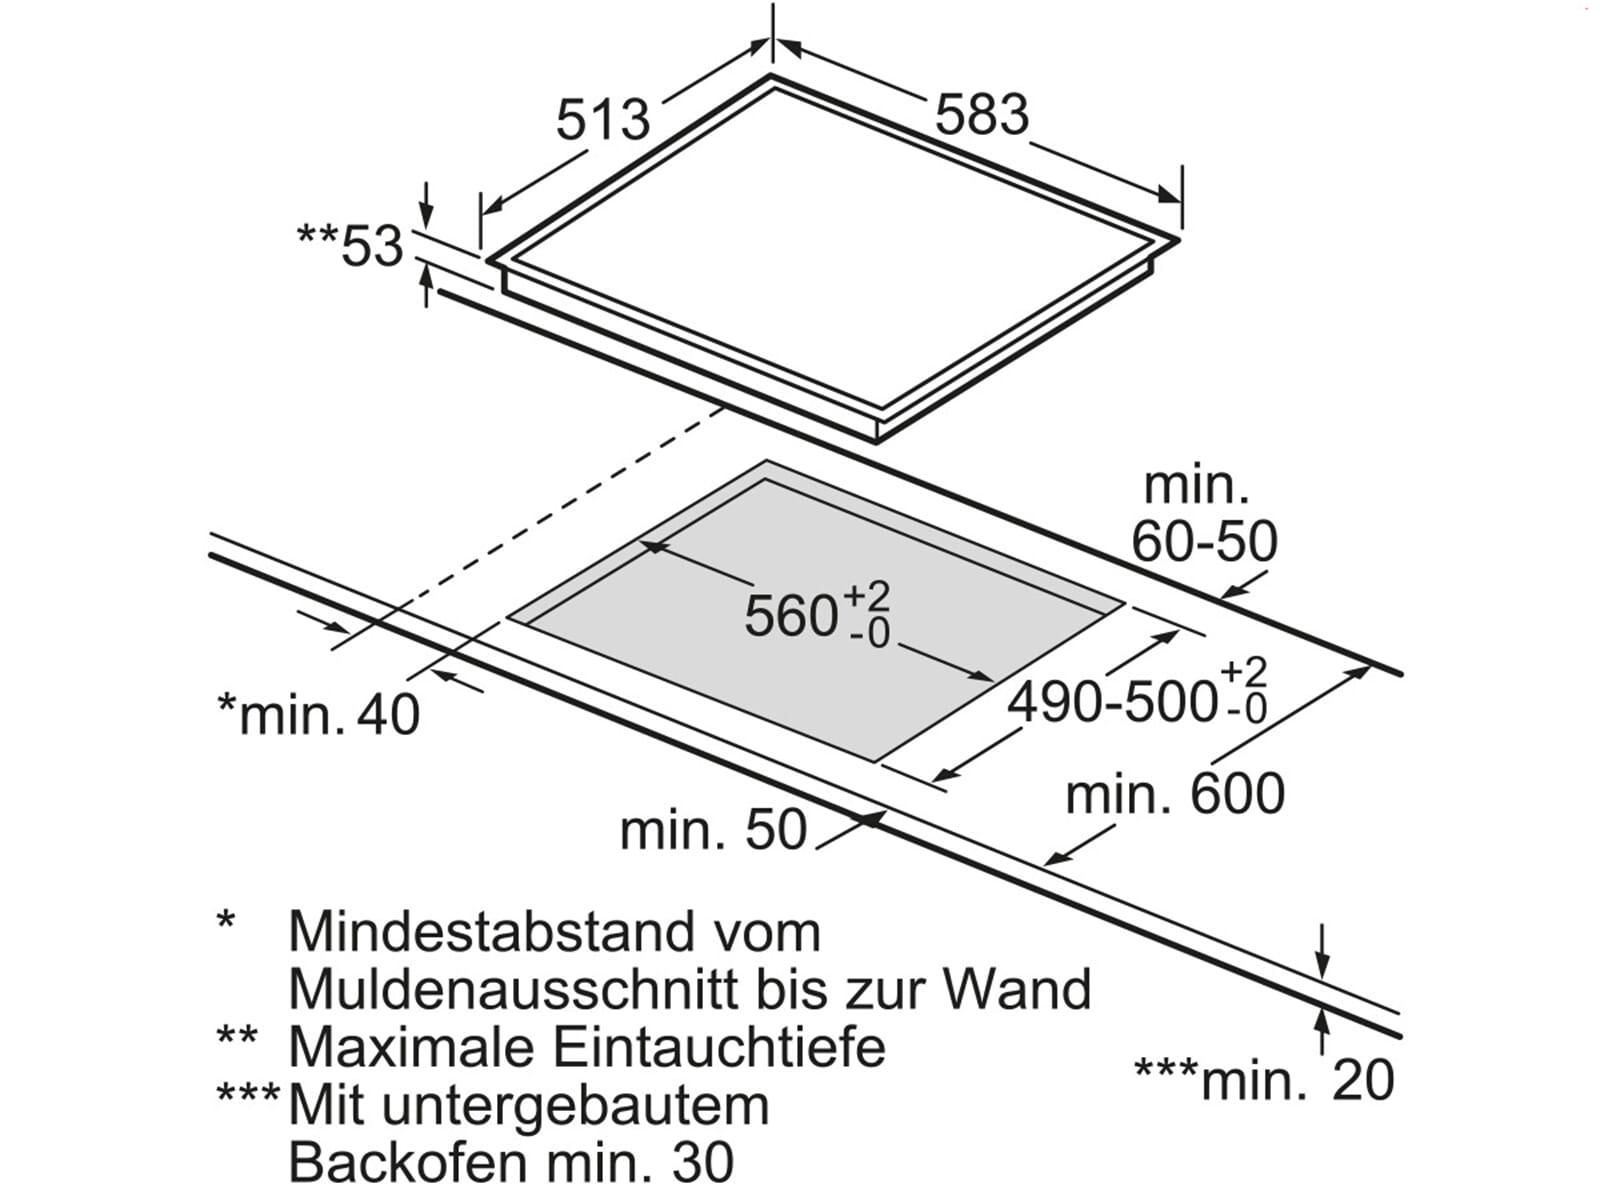 siemens eq2z055 set backofen hb633gns1 induktion glaskeramik kochfeld eh645bb17e. Black Bedroom Furniture Sets. Home Design Ideas